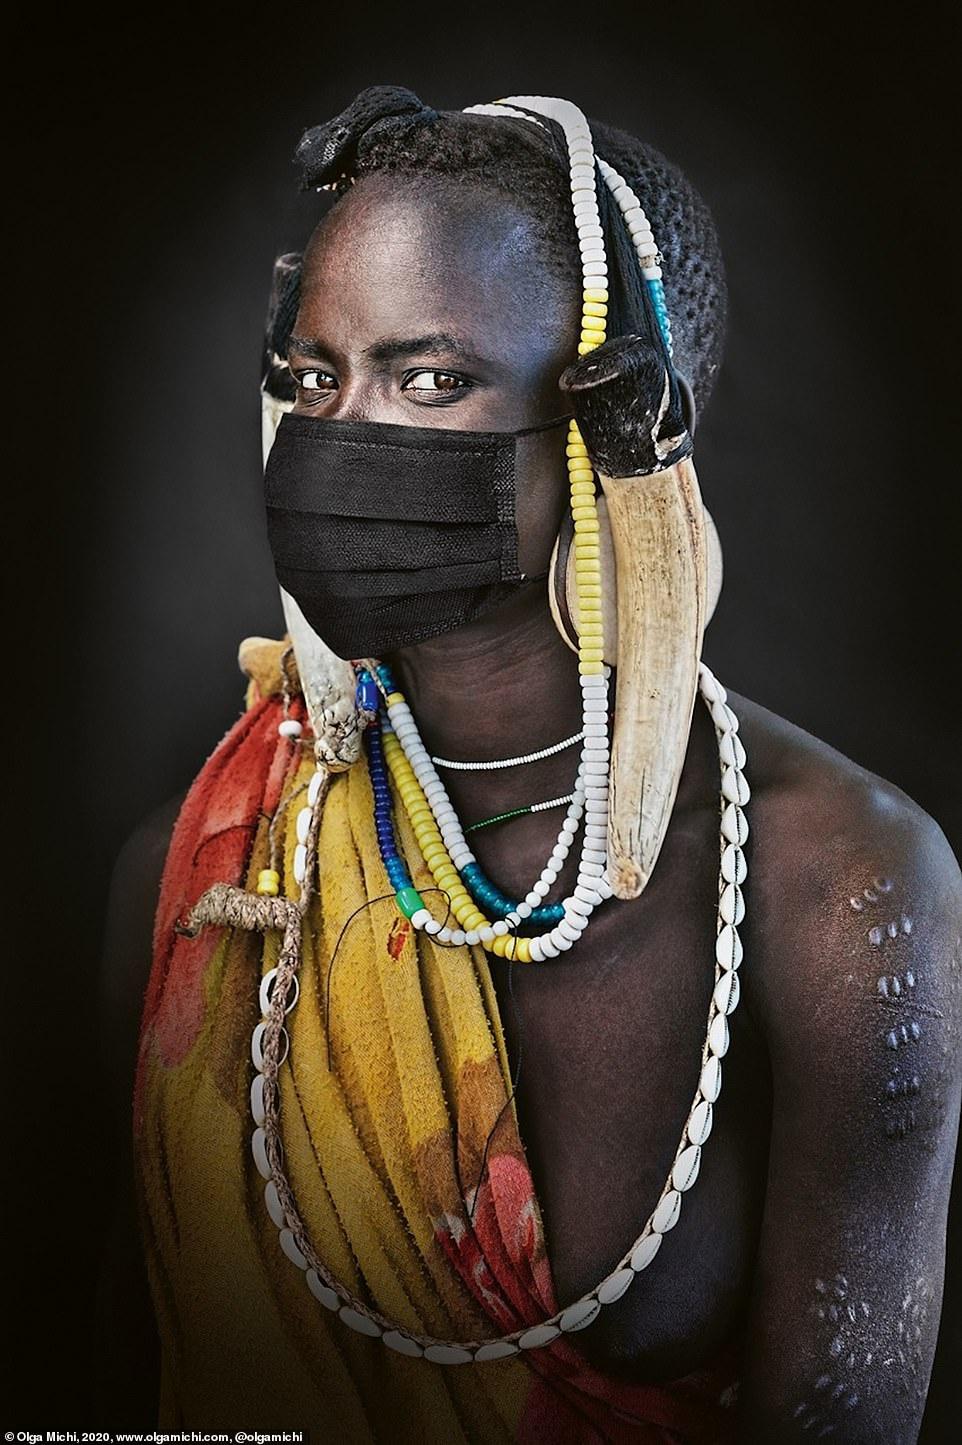 Chân dung các bộ lạc độc đáo trên thế giới - Ảnh 3.